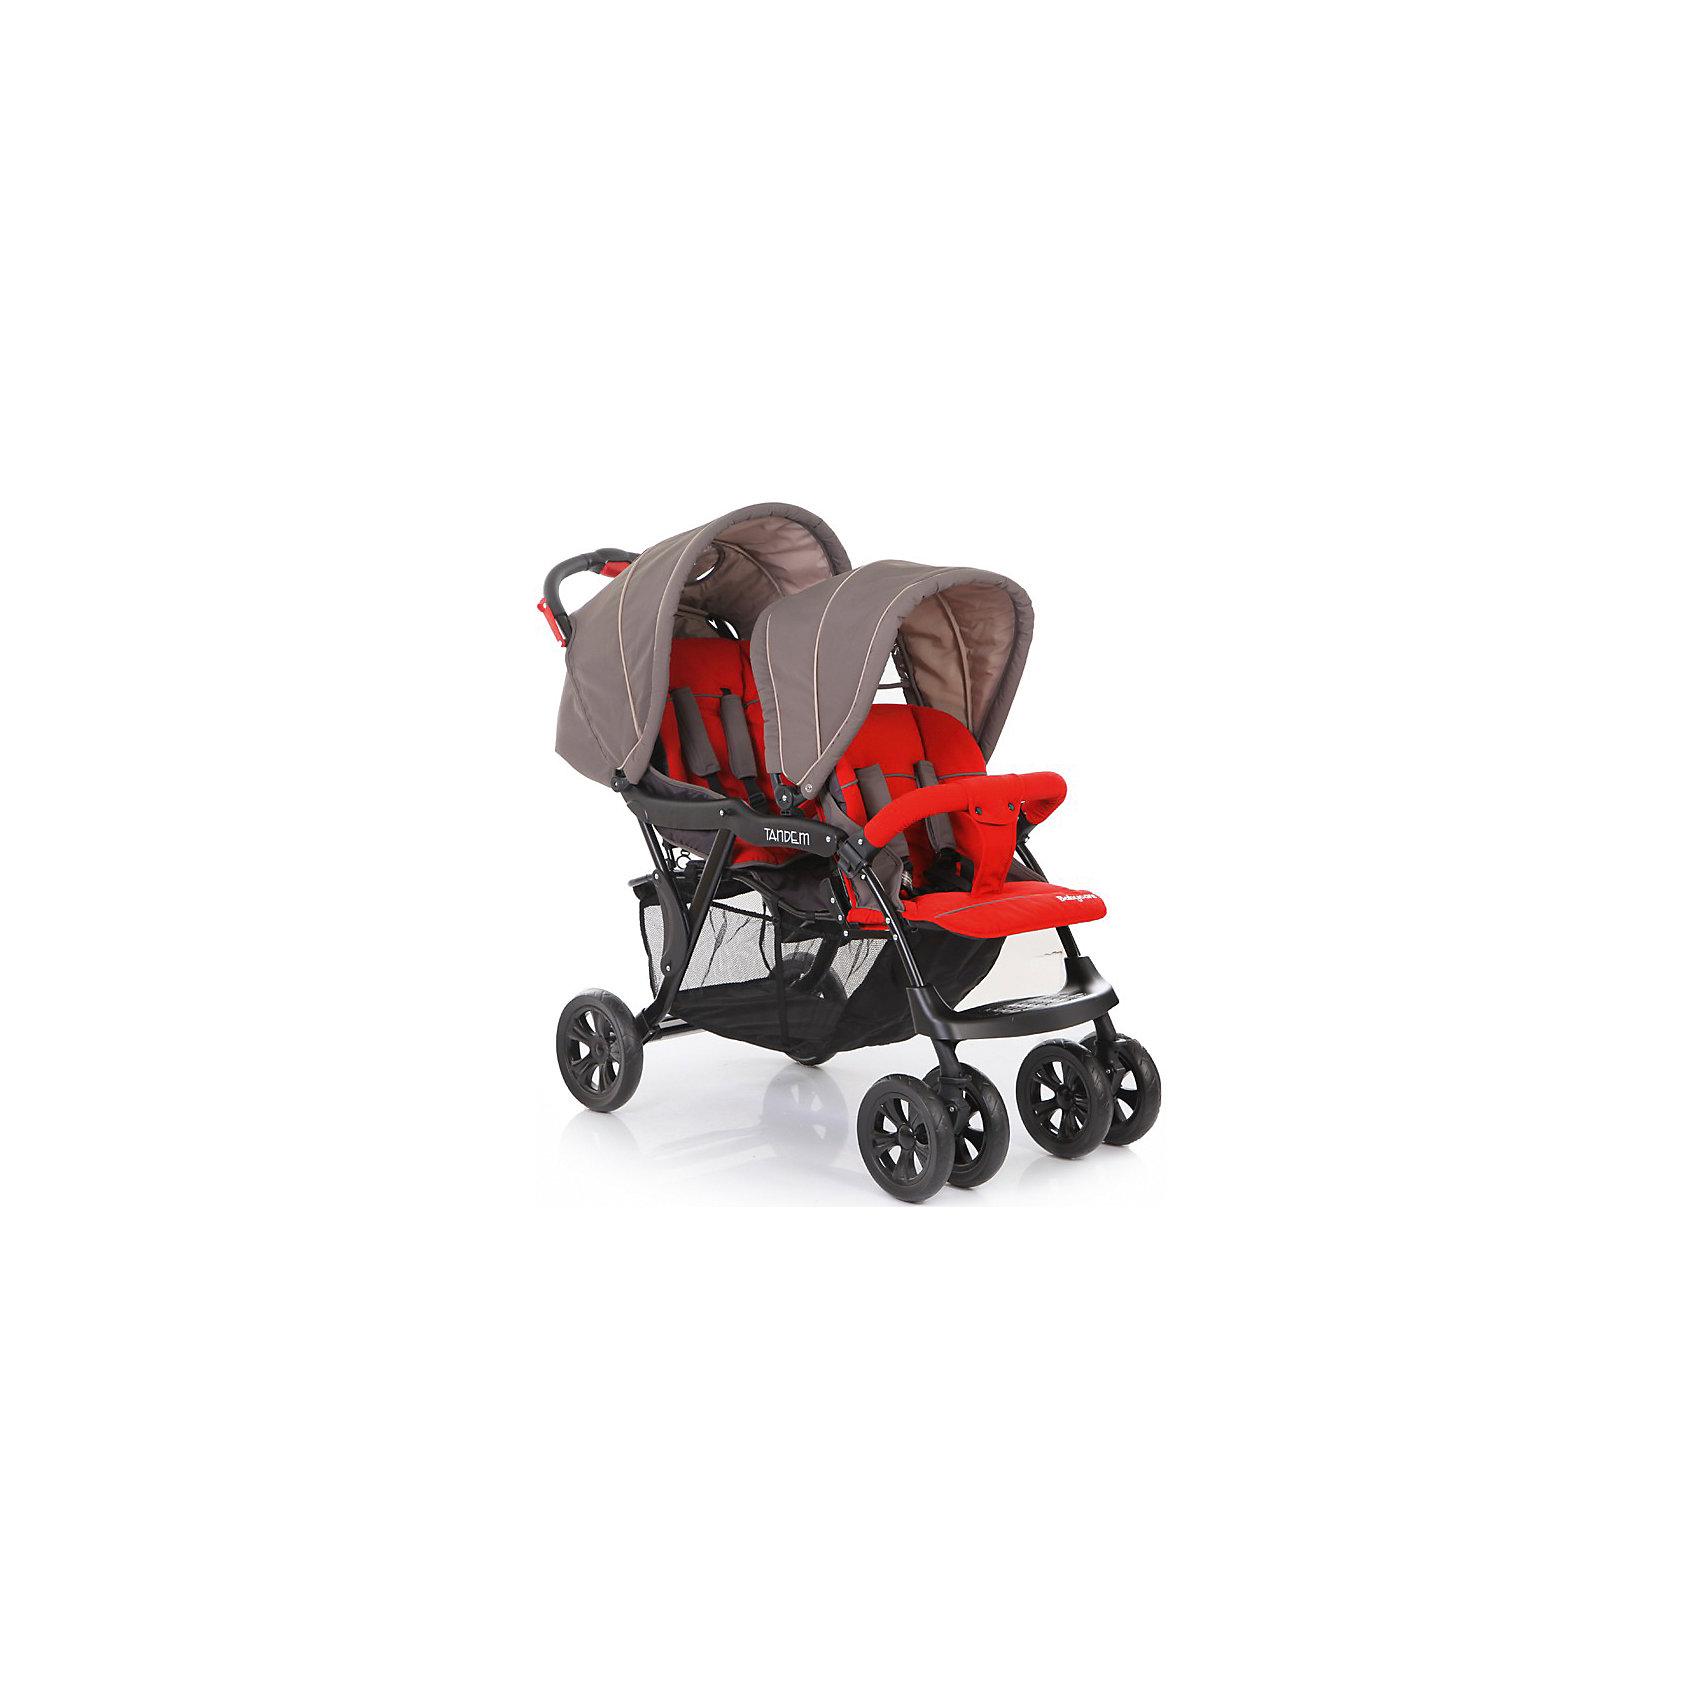 Прогулочная коляска для двойни Baby Care Tandem, серый/красныйКоляски для двойни<br>Характеристики коляски для двойни Baby Care Tandem:<br><br>• расположение прогулочных блоков: паровозиком;<br>• угол наклона спинки регулируется: на переднем блоке в 2-х положениях, на заднем блоке в нескольких положениях, с помощью ремня;<br>• регулируемые капюшоны;<br>• на капюшоне второго блока имеется кармашек и смотровое окошко;<br>• подножка регулируется;<br>• дополнительная пластиковая подножка;<br>• наличие 5-ти точечных ремней безопасности с мягкими накладками;<br>• съемный бампер, один, на переднем прогулочном блоке;<br>• тканевый разделитель для ножек, крепится кнопками к переднему бамперу;<br>• материал прогулочных блоков: полиэстер. <br><br>Характеристики шасси коляски Baby Care Tandem:<br><br>• тип складывания: книжка;<br>• передние колеса двойные, поворотные с блокировкой;<br>• задние колеса одинарные;<br>• задний стояночный тормоз;<br>• вместительная корзина для покупок;<br>• материал рамы: алюминий;<br>• материал колес: пластик.<br><br>Прогулочная коляска для двойни представлена паровозиком, используется для детей в возрасте от 6 месяцев до 3-х лет, вес которых находится в пределах 15 кг каждого ребенка. Регулируемые спинки и капюшоны позволяют подобрать для малышей удобное положение, регулируются независимо друг от друга.  <br><br>Размеры коляски для двойни:<br><br>• размер в разложенном виде: 120х57х112 см;<br>• размер в сложенном виде: 99х57х37 см;<br>• вес коляски: 13,5 кг;<br>• ширина каждого сиденья: 37 см;<br>• ширина колесной базы: 57 см;<br>• размер корзины для покупок: 70х31х25 см;<br>• диаметр передних колес: 20,3 см;<br>• диаметр задних колес: 25,4 см;<br>• размер упаковки: 47х32х94 см;<br>• вес упаковки: 15,5 кг.<br><br>Комплектация: <br><br>• 2 прогулочных блока с капюшонами и бампером;<br>• шасси с колесами;<br>• корзина для покупок;<br>• 2 накидки на ножки;<br>• инструкция. <br><br>Прогулочную коляску для двойни Tandem, Baby Care, красную можно купить